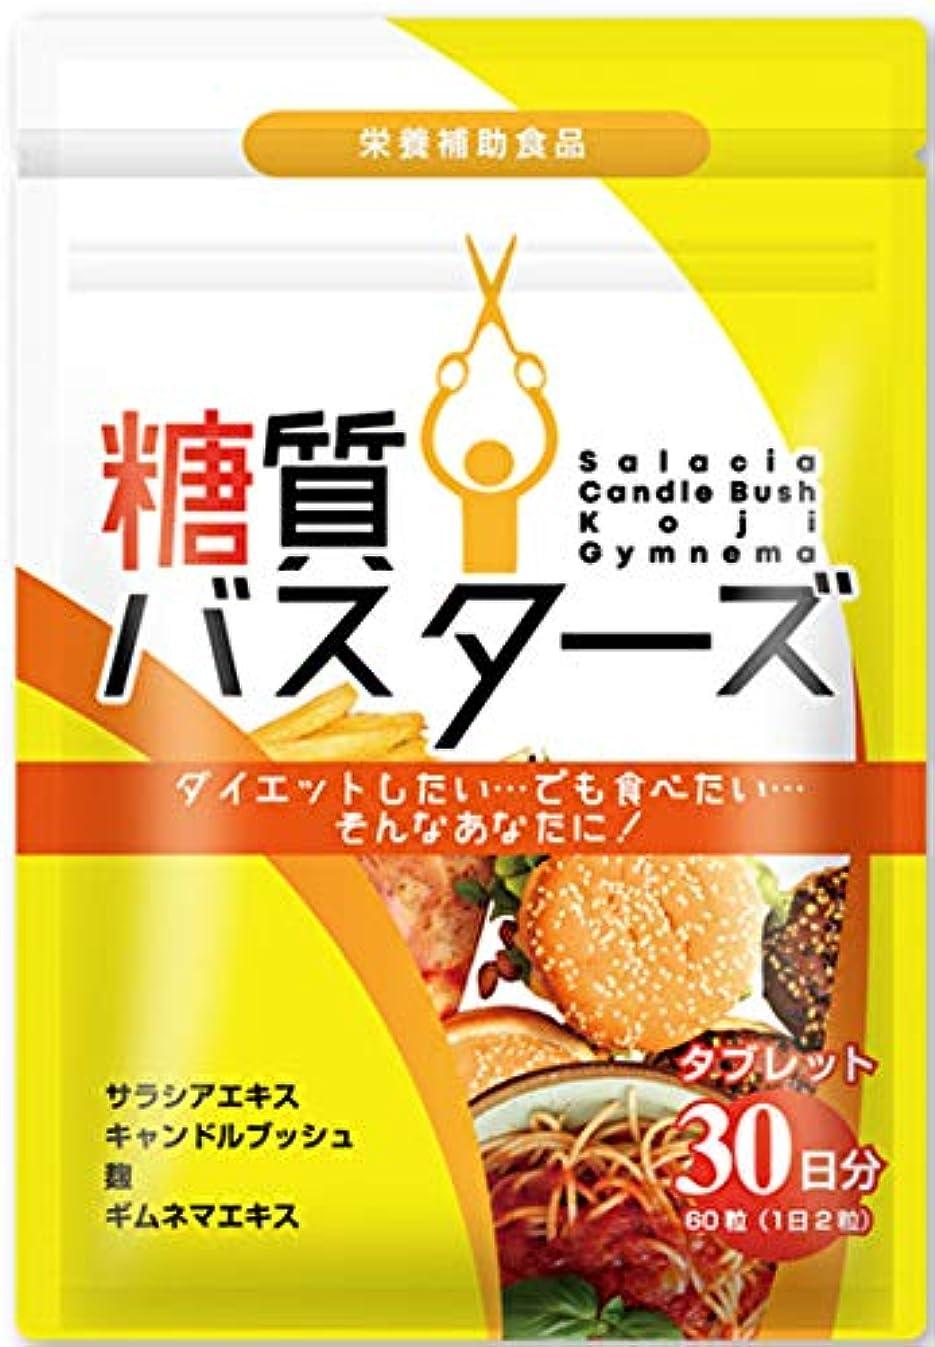 カリング聖職者カフェ糖質バスターズ (30日分) 糖質オフ 糖質カット 糖質制限 ダイエット サラシア サプリ